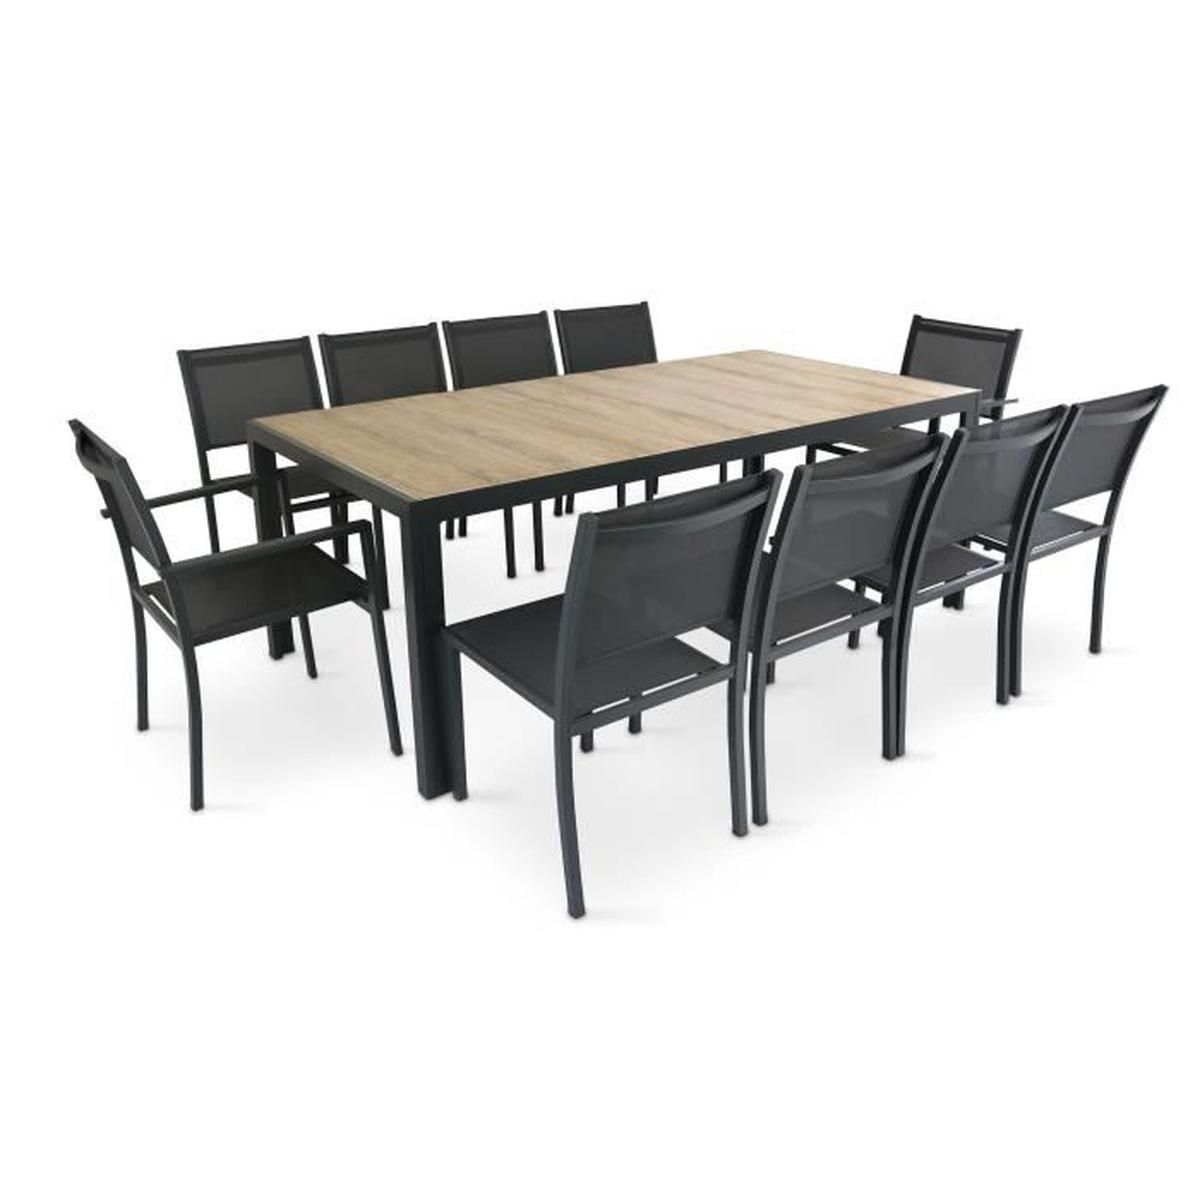 Table De Jardin 10 Places Aluminium Et Céramique - Ensemble ... avec Table Et Chaise De Jardin En Aluminium